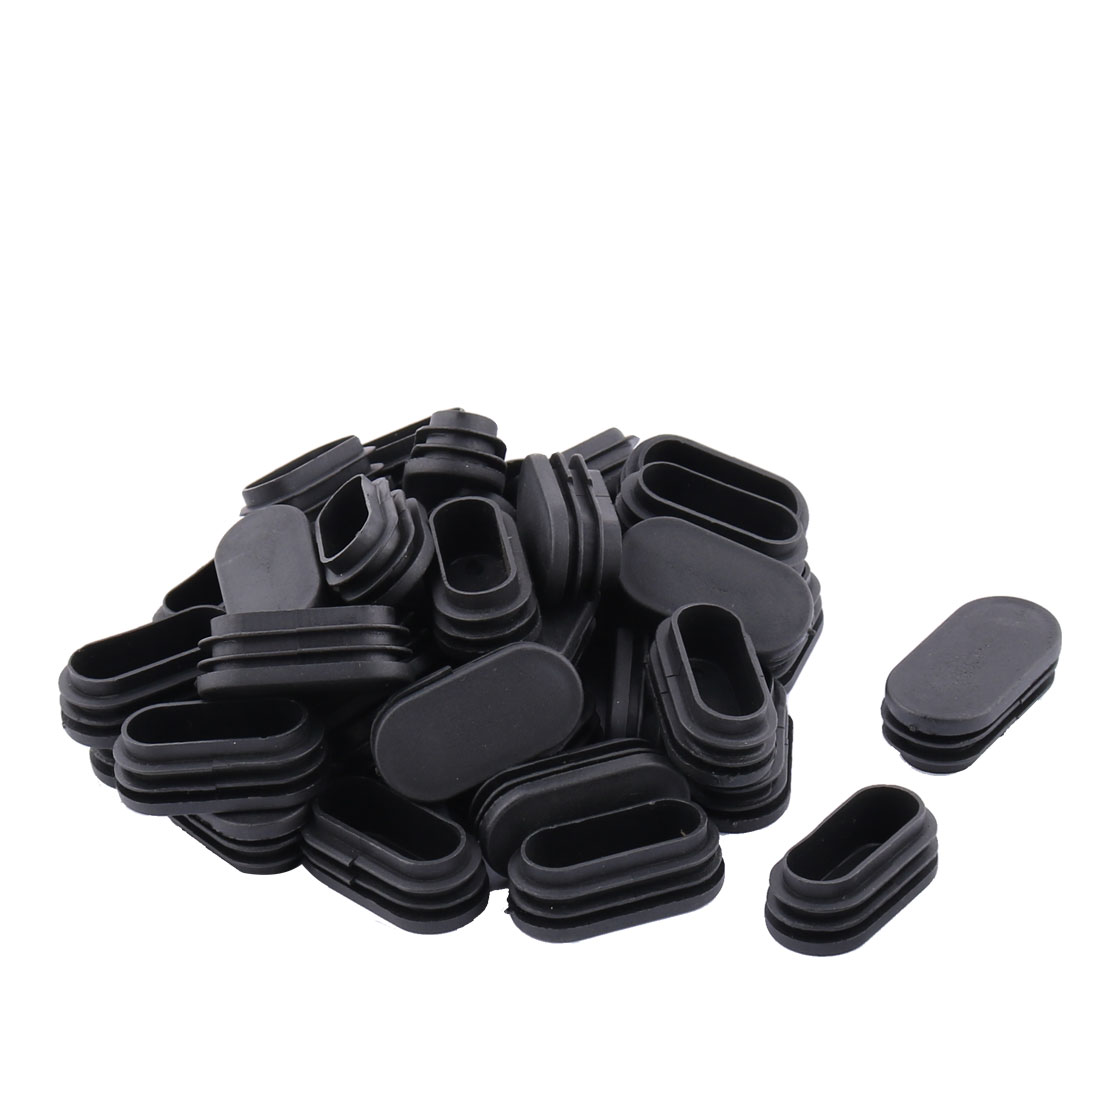 Family Office Plastic Oval Blanking End Cap Tube Insert Black 25mm x 50mm 40pcs